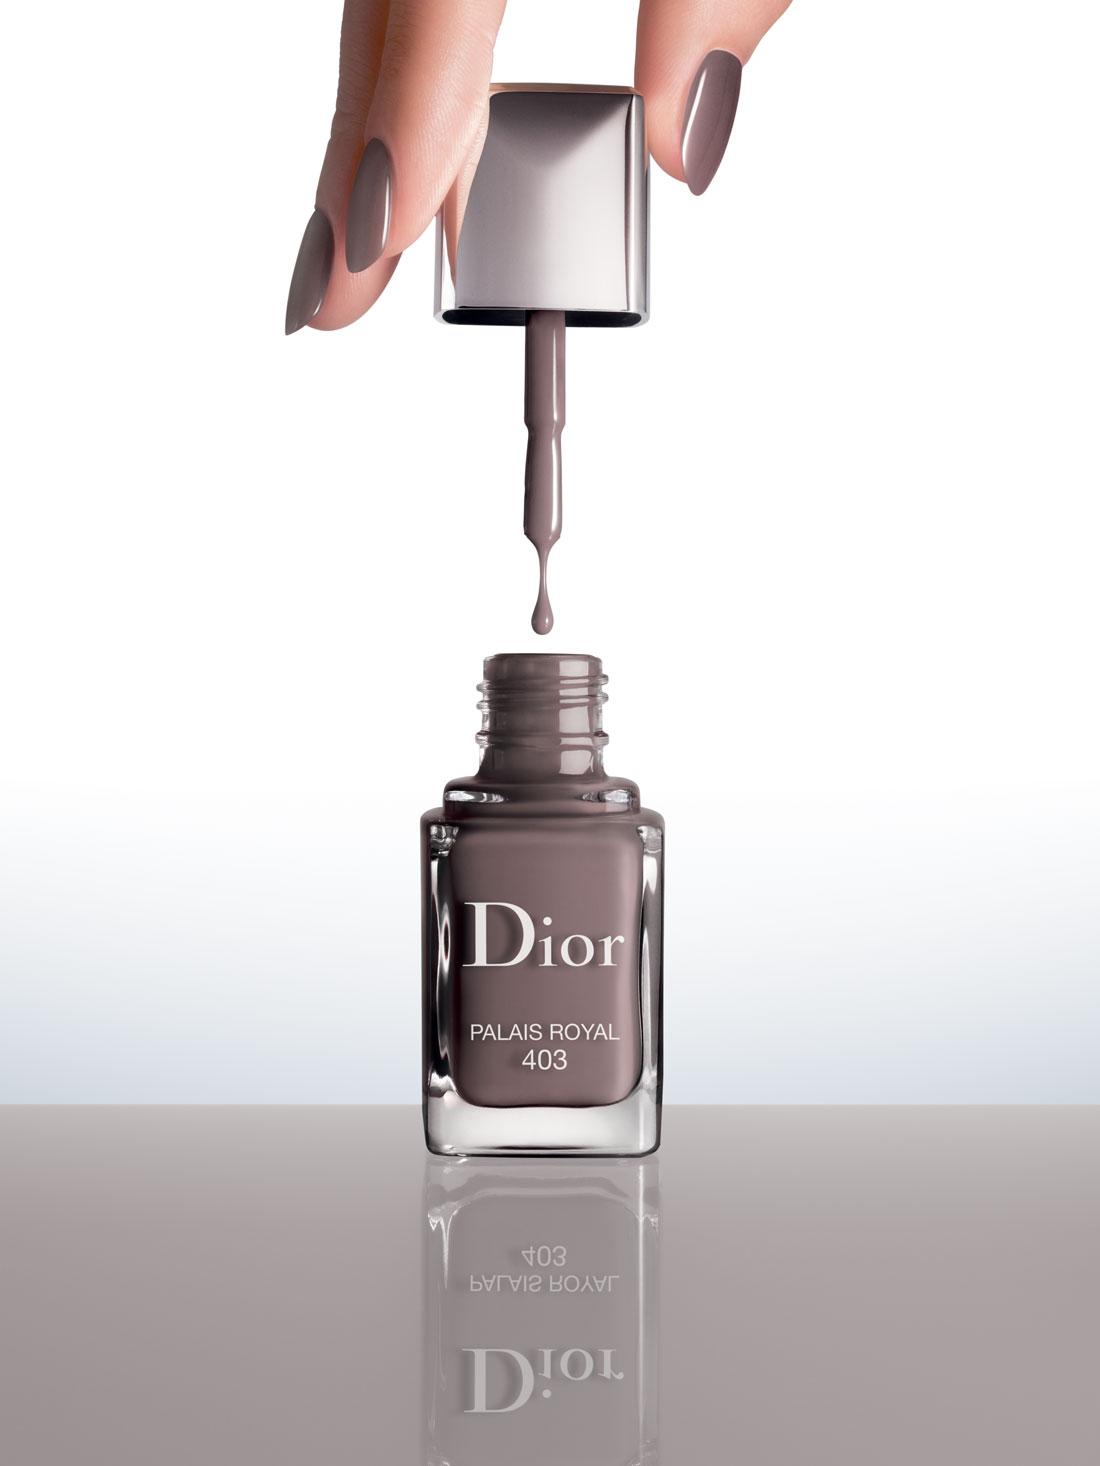 couleur vernis a ongle automne mains Dior palais royal gris